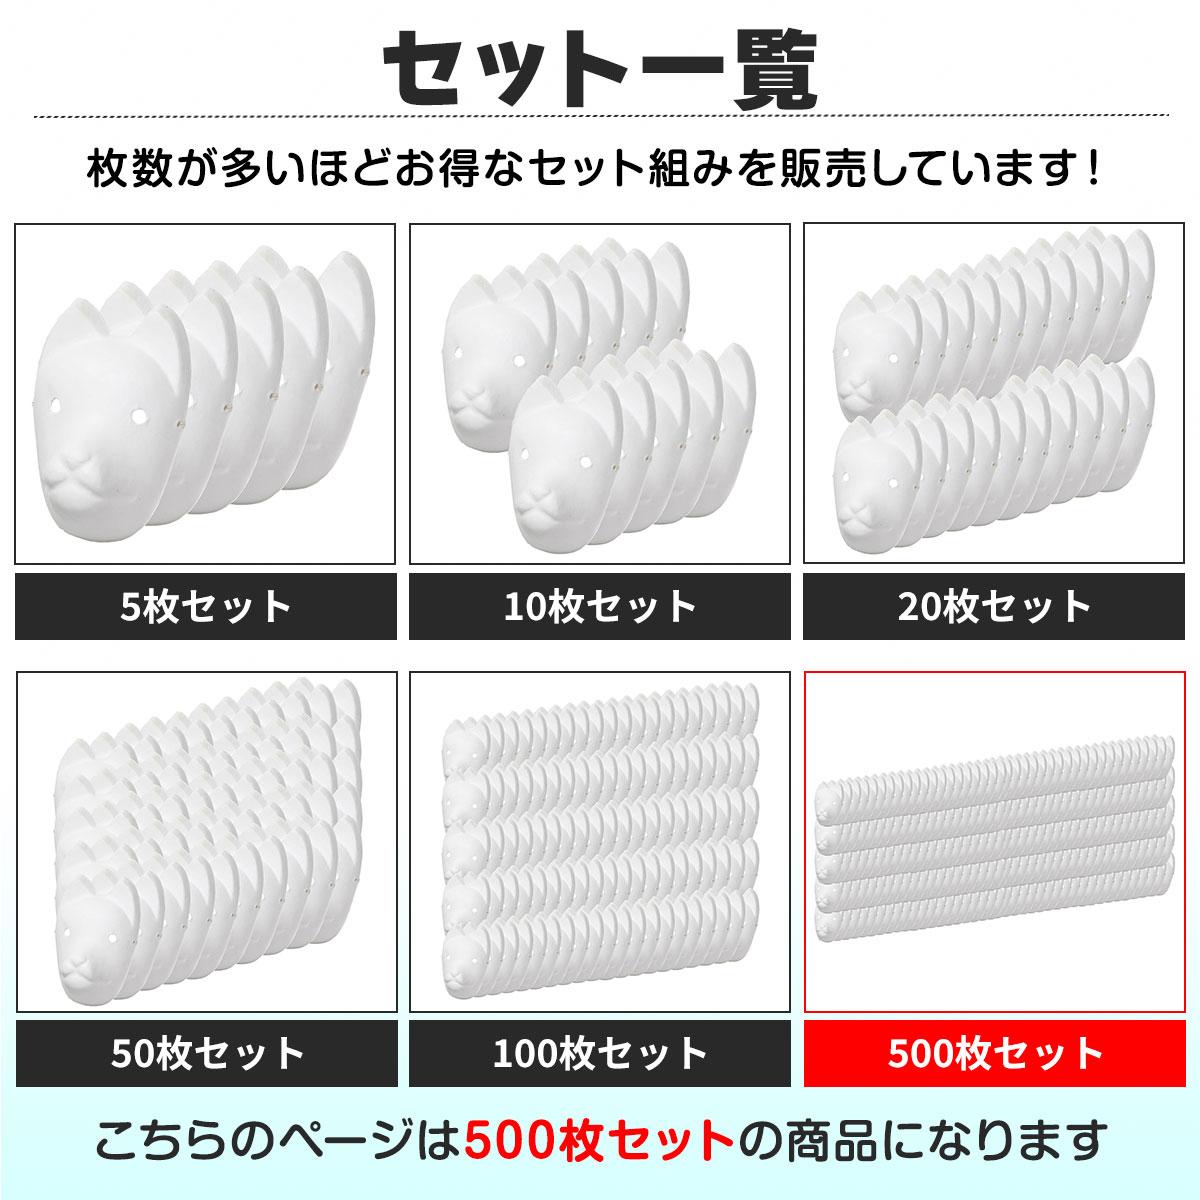 狐面 お面 狐 キツネ 無地 マスク 紙パルプ製 小タイプ 500枚セット